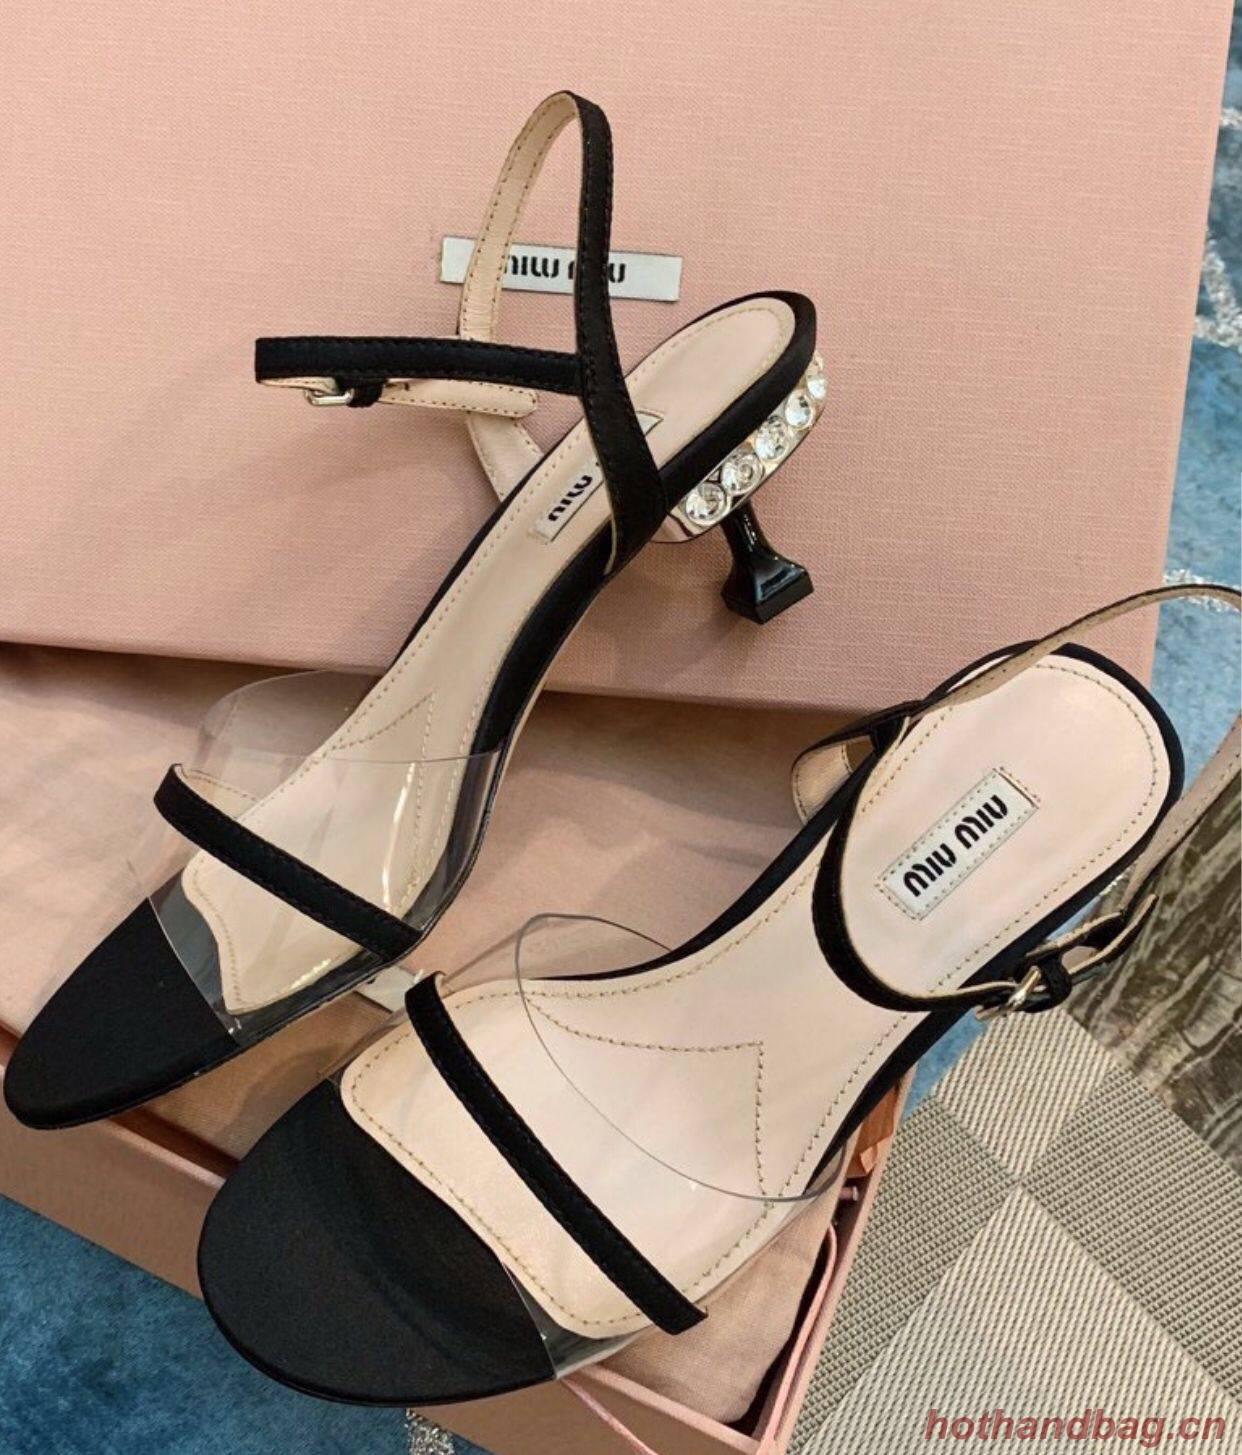 Miumiu Shoes MM39021 Black